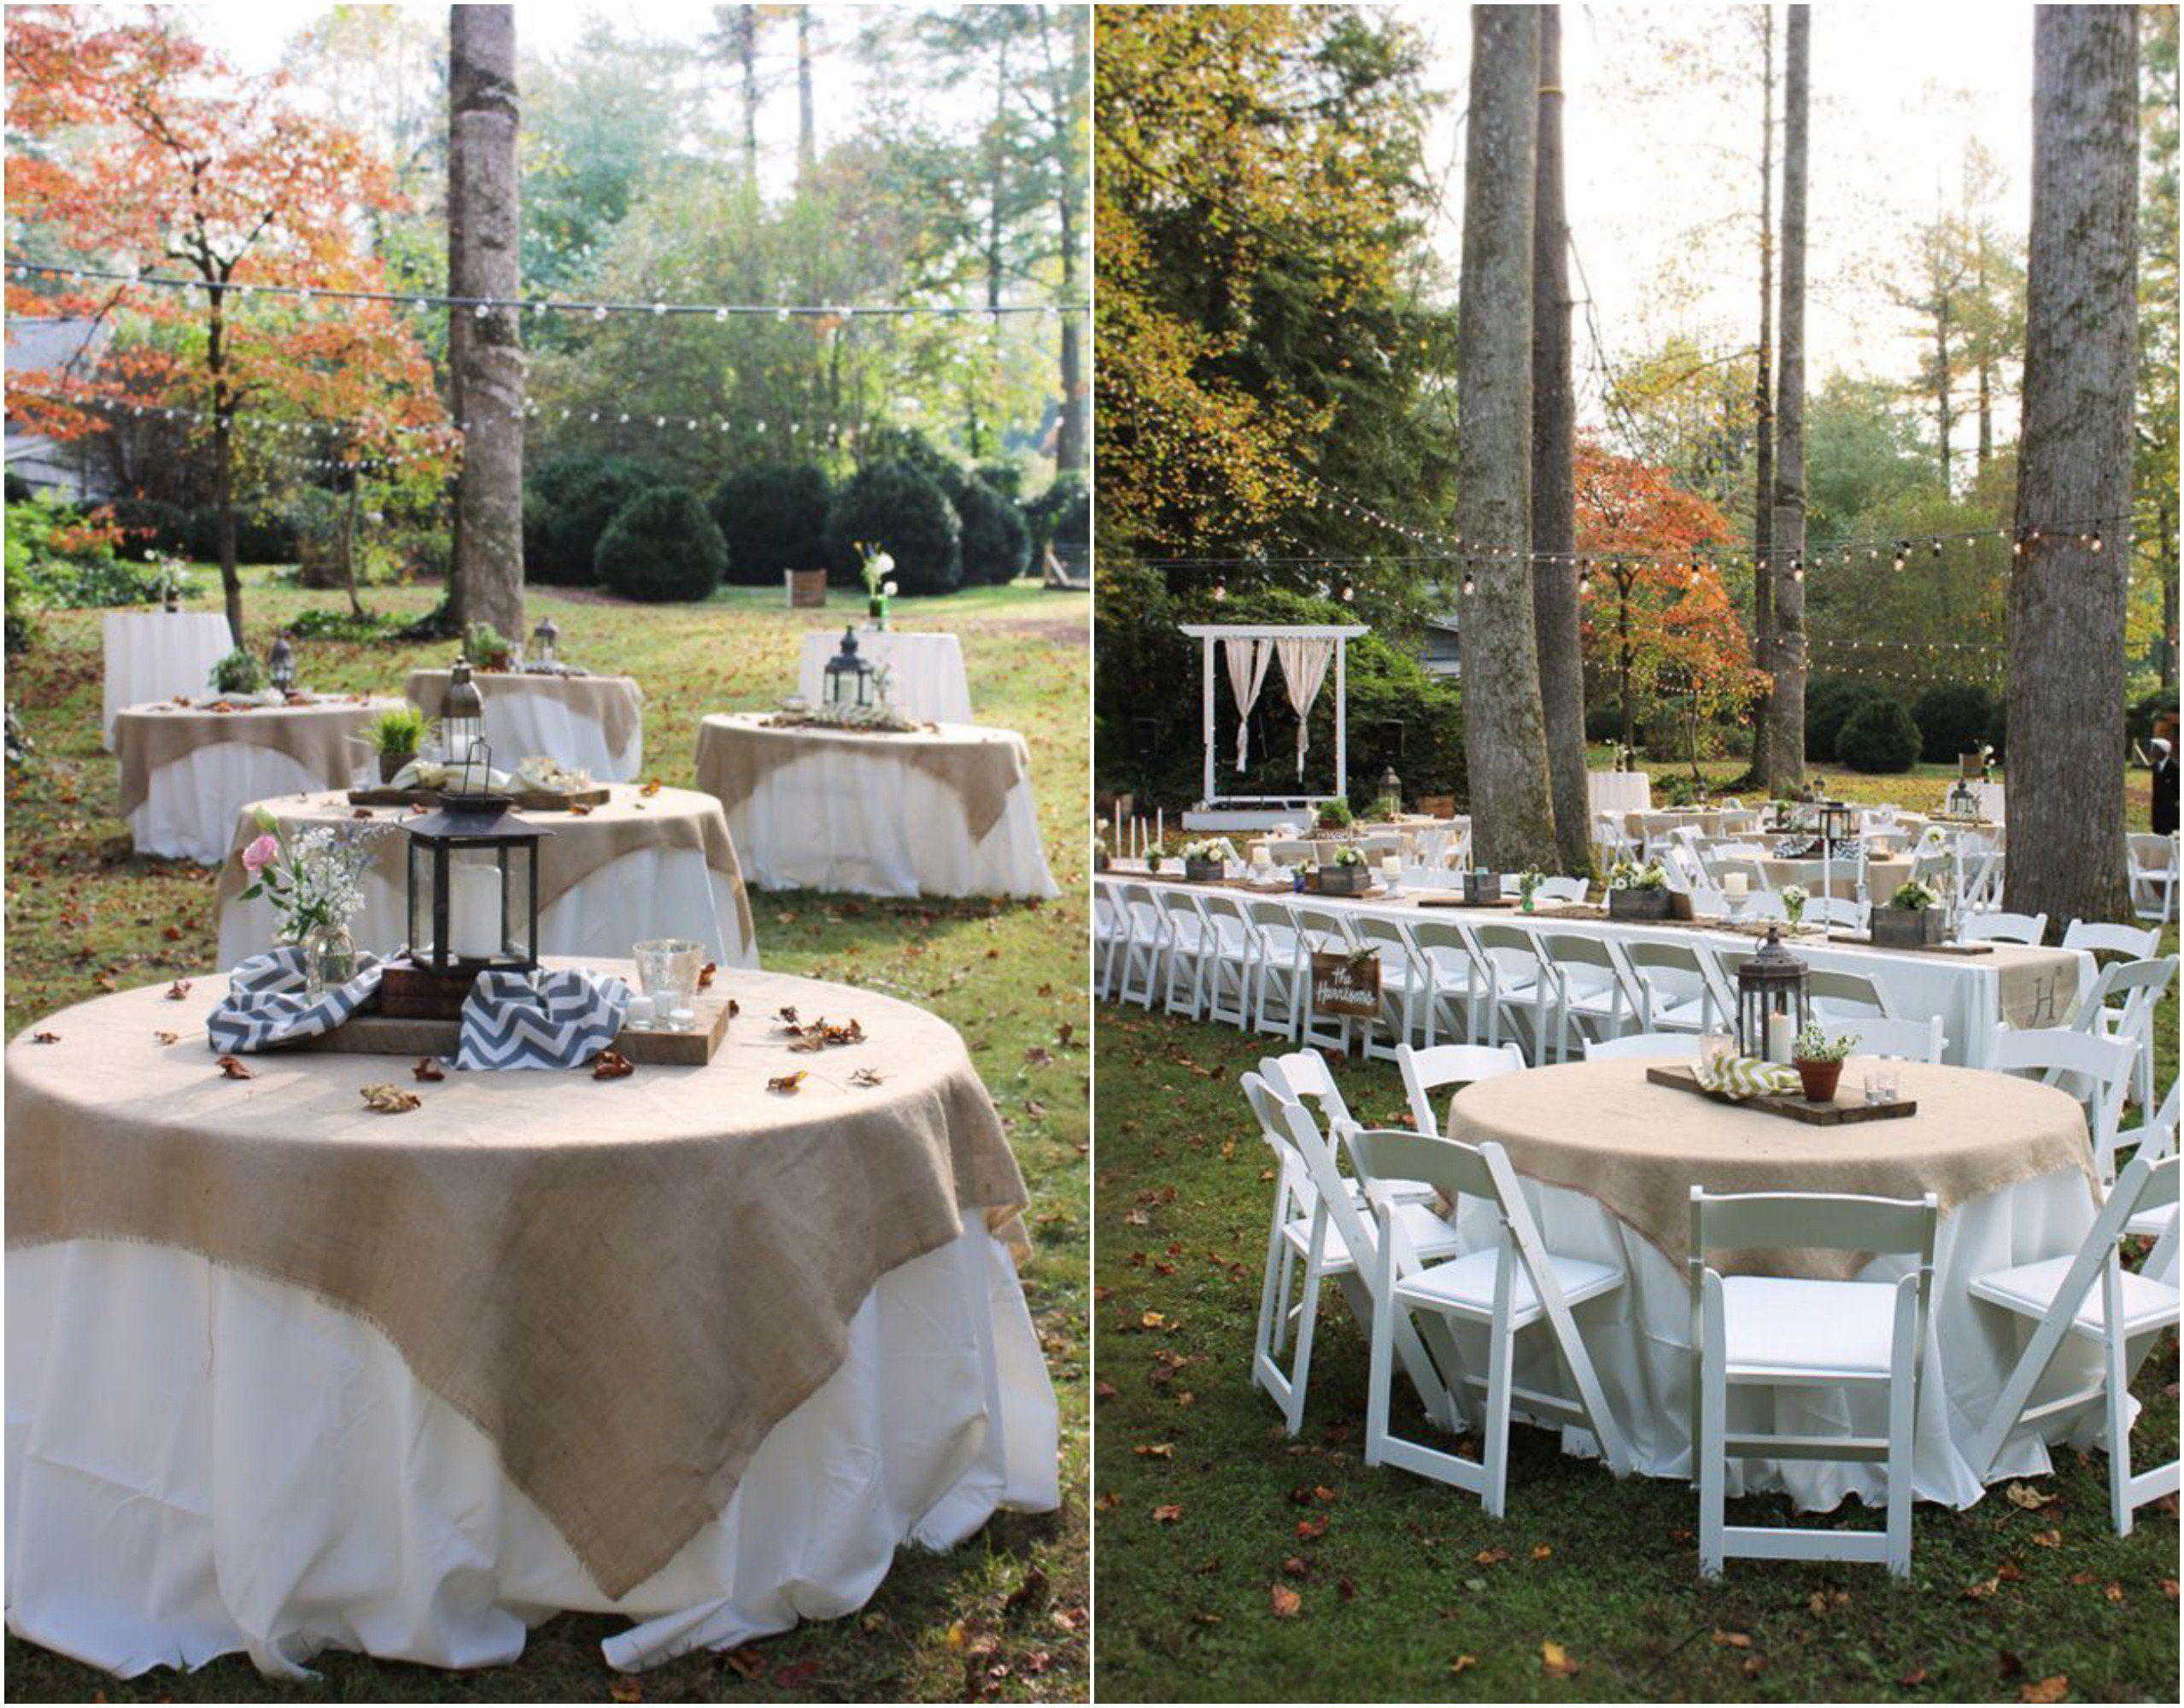 Rustic Vintage Backyard Wedding Of Emily Hearn - Rustic Wedding Chic |  Backyard wedding decorations, Rustic outdoor wedding, Rustic wedding  reception